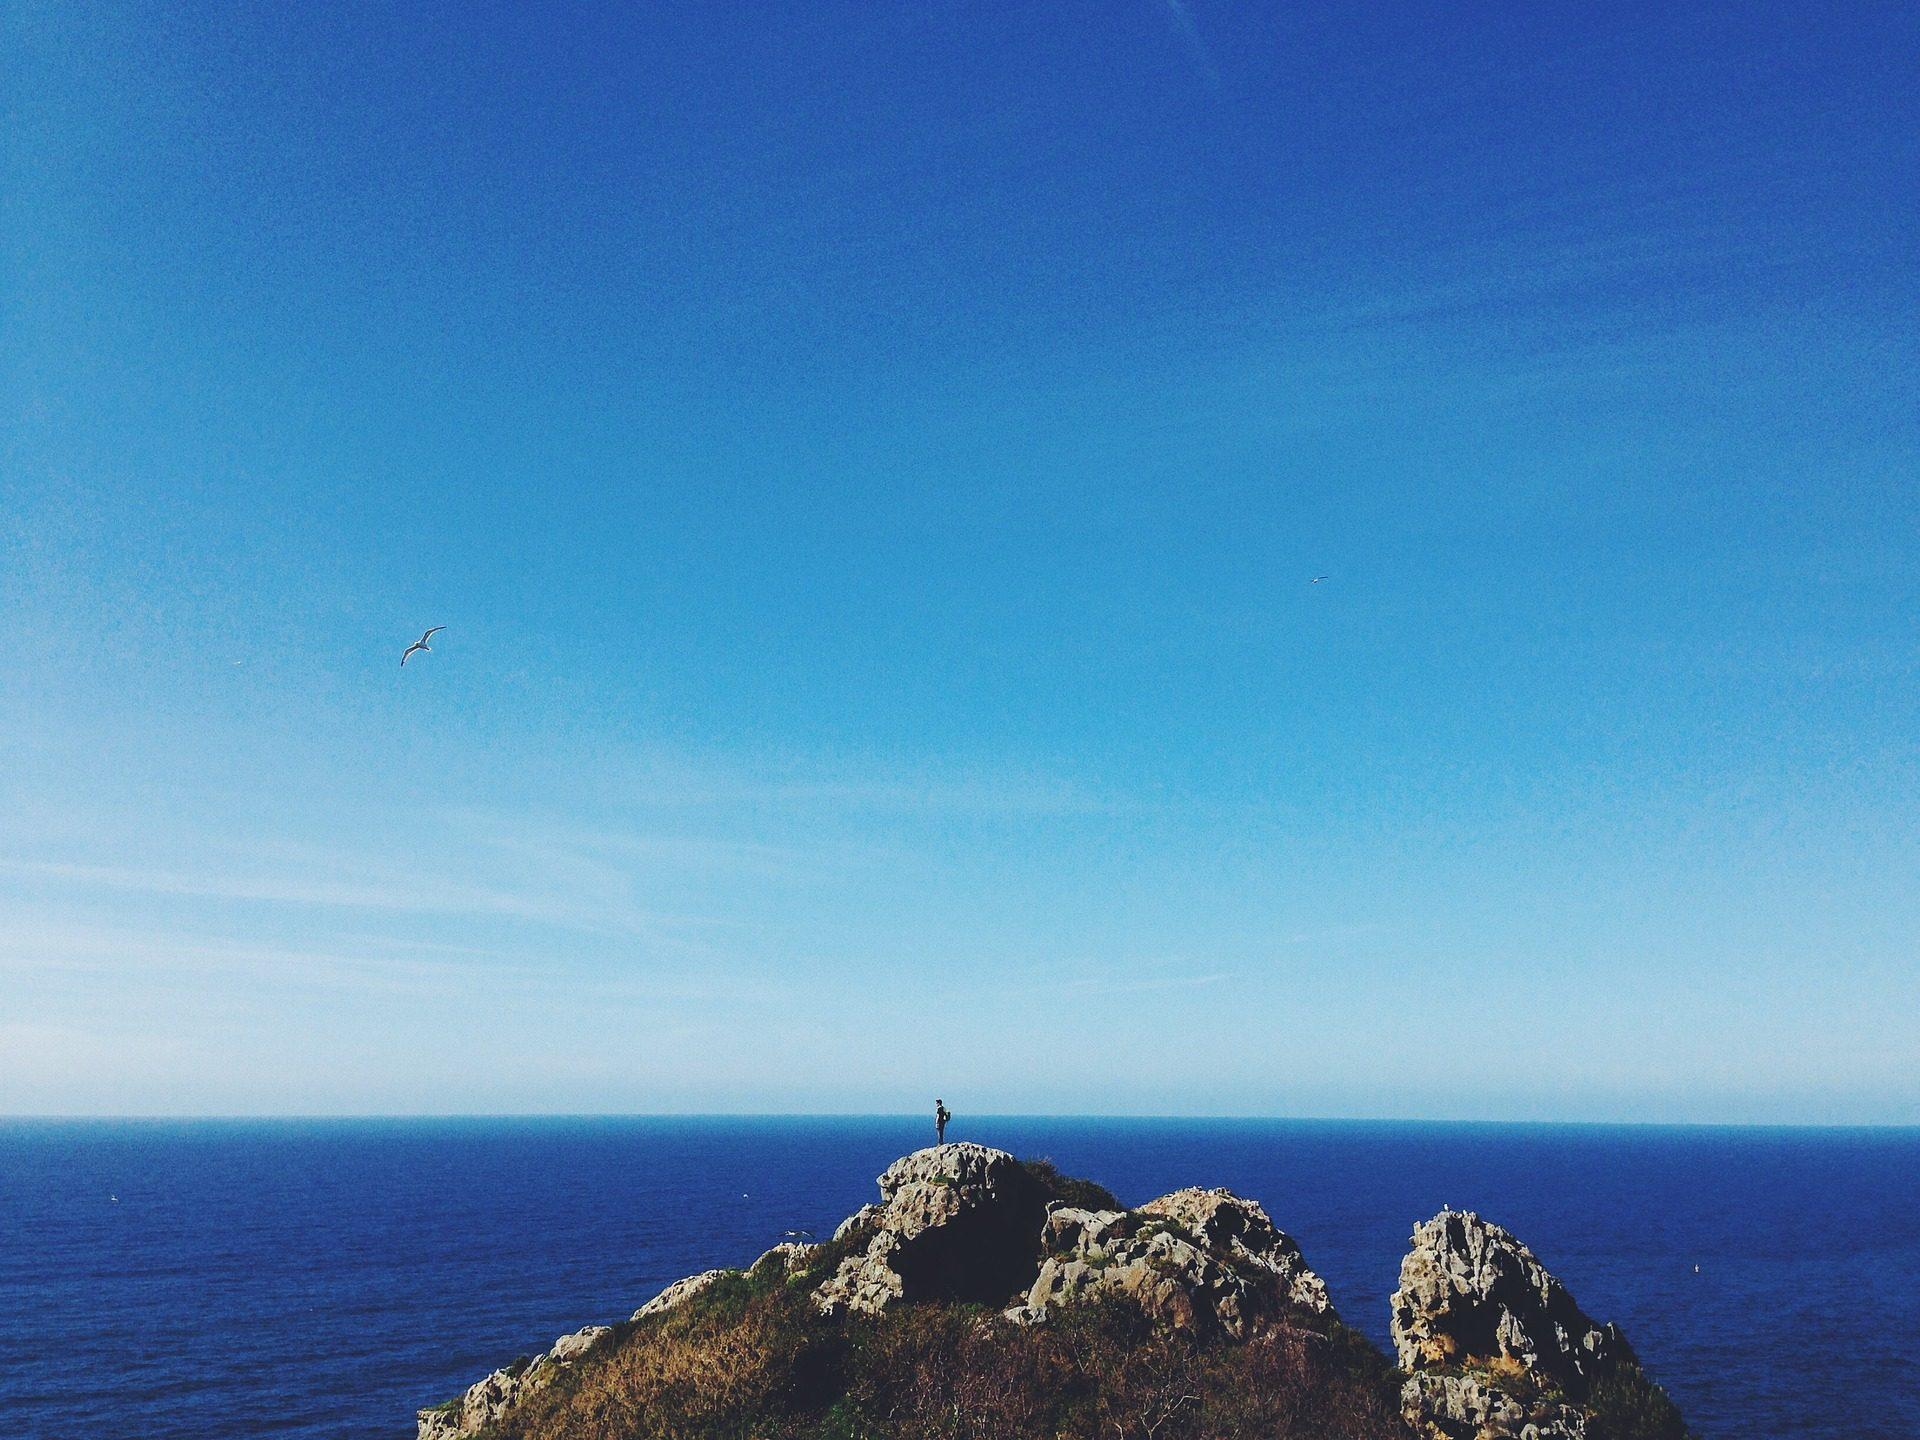 क्षितिज, महासागर, सागर, Roca, दूरी, व्यक्ति - HD वॉलपेपर - प्रोफेसर-falken.com